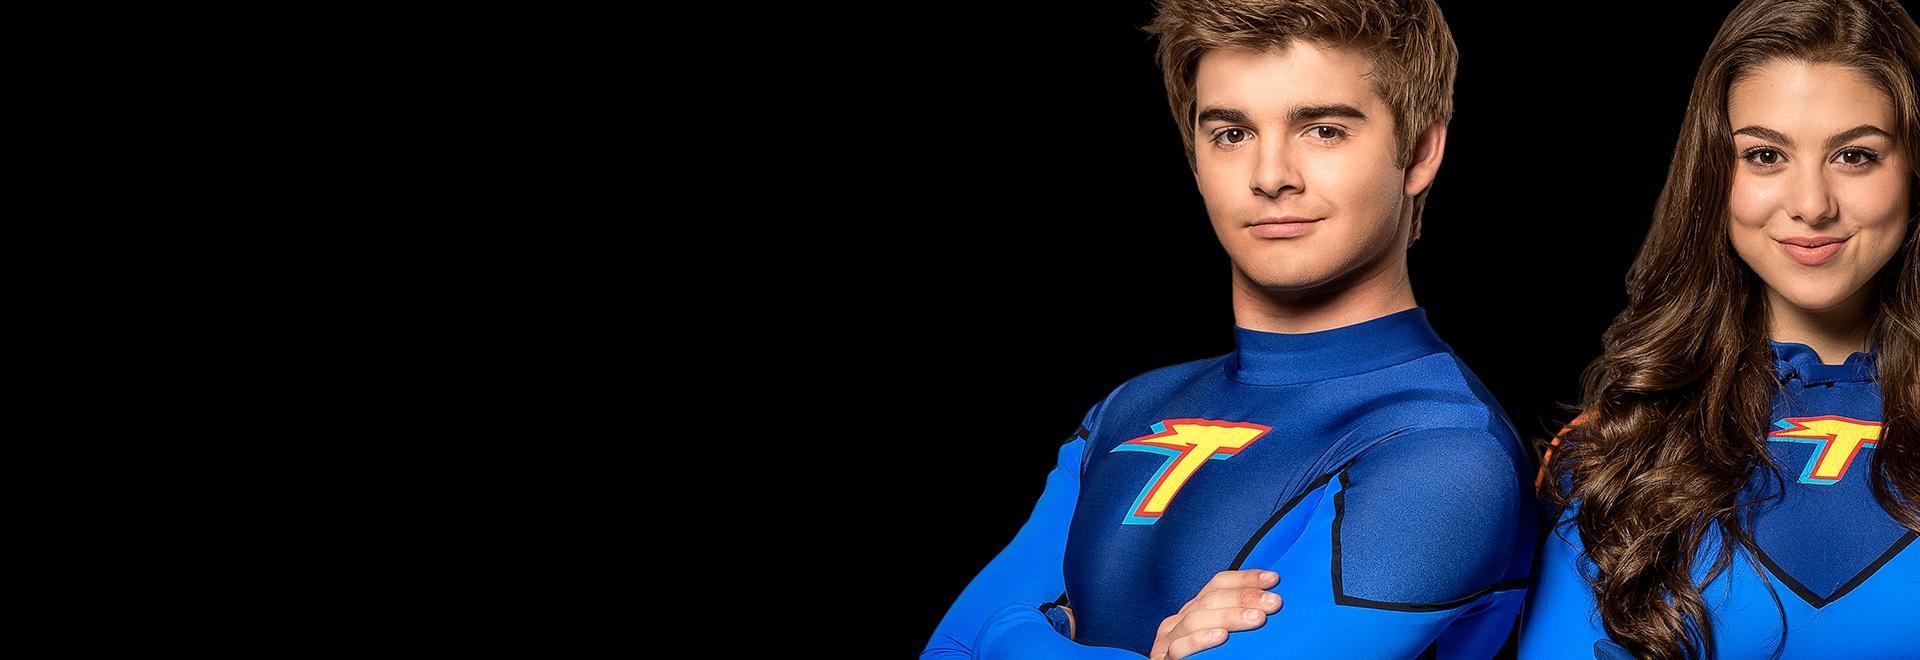 Come diventare un vero super eroe